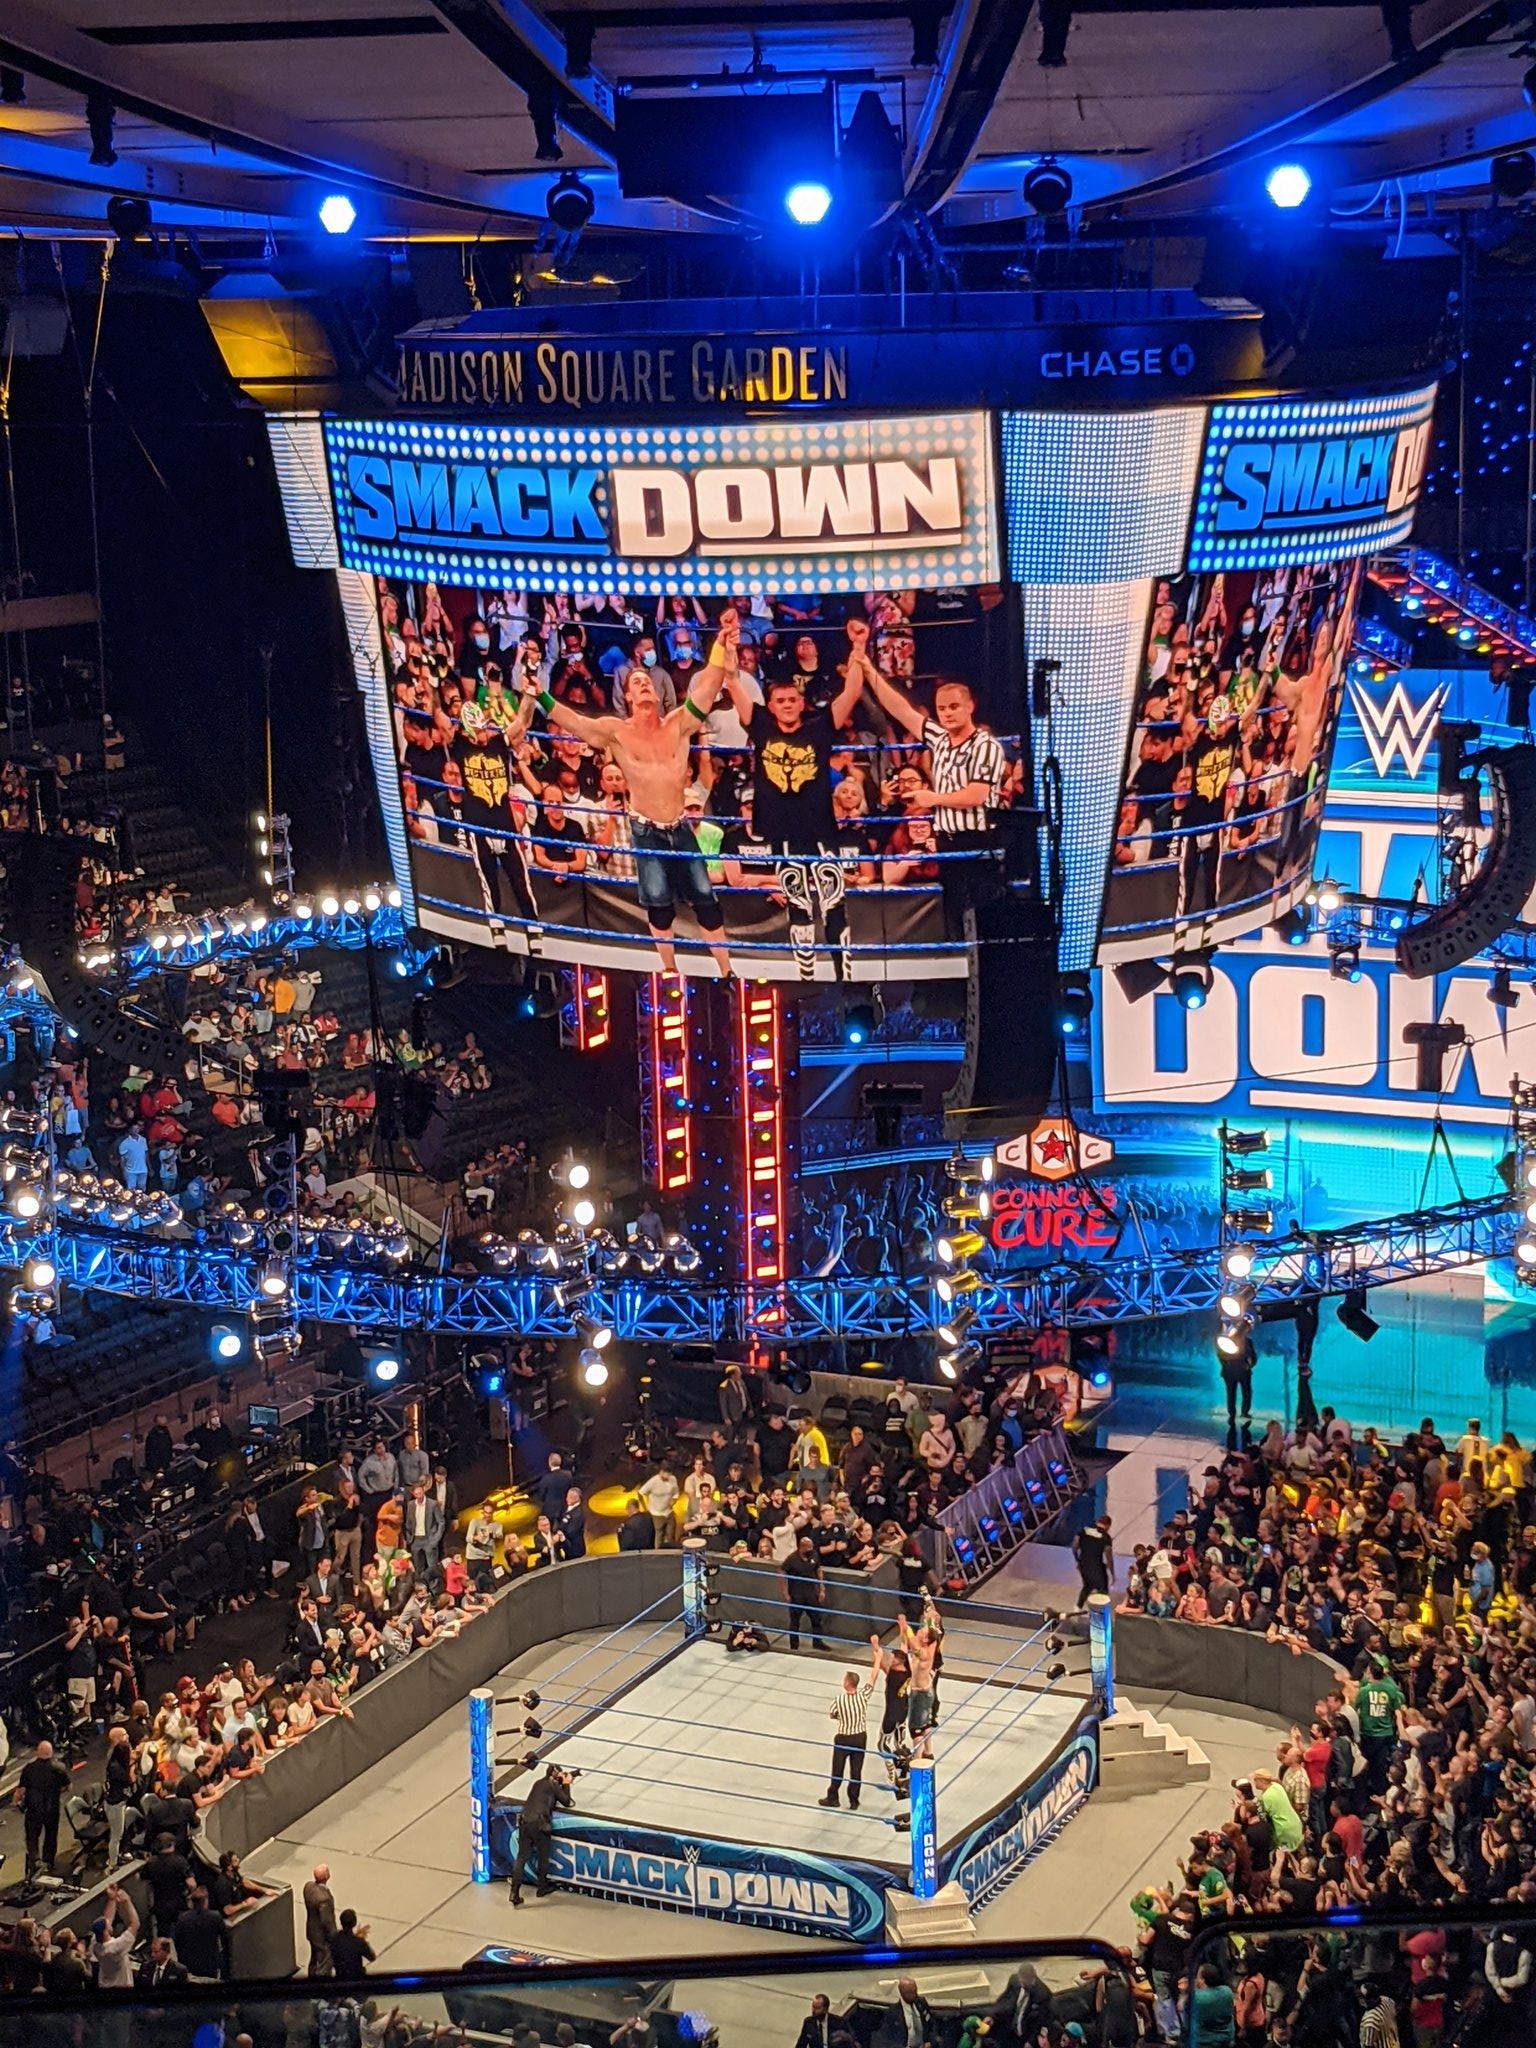 WWE Super Smackdown: John Cena Returns After Summerslam 2021 Loss 2